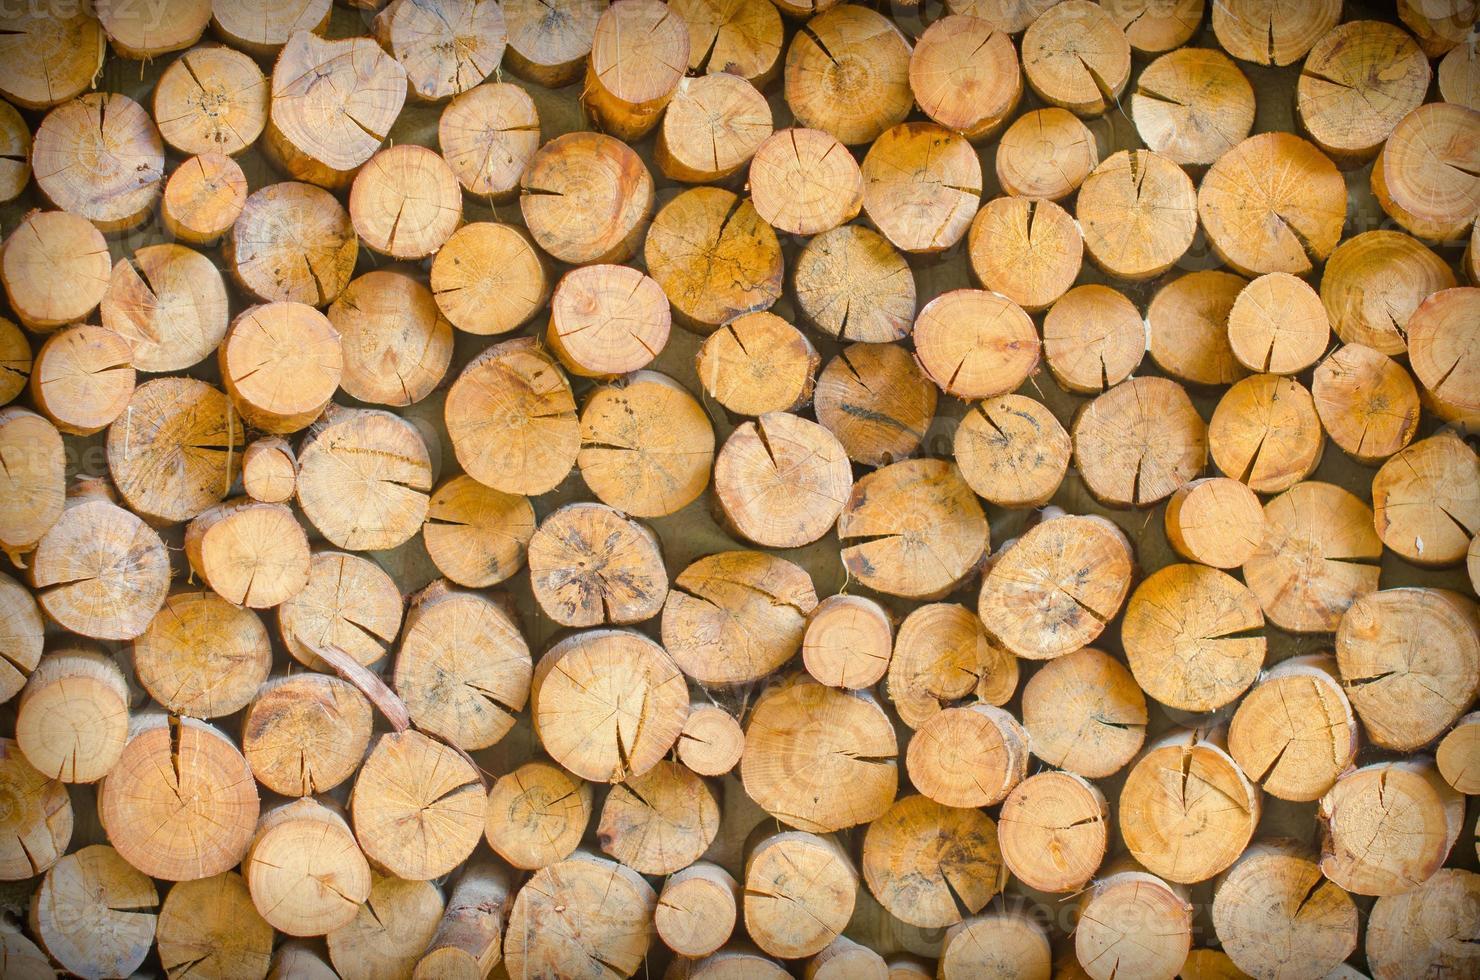 Das Schneiden von Holz ist so angeordnet, dass es die natürliche Wand ist foto